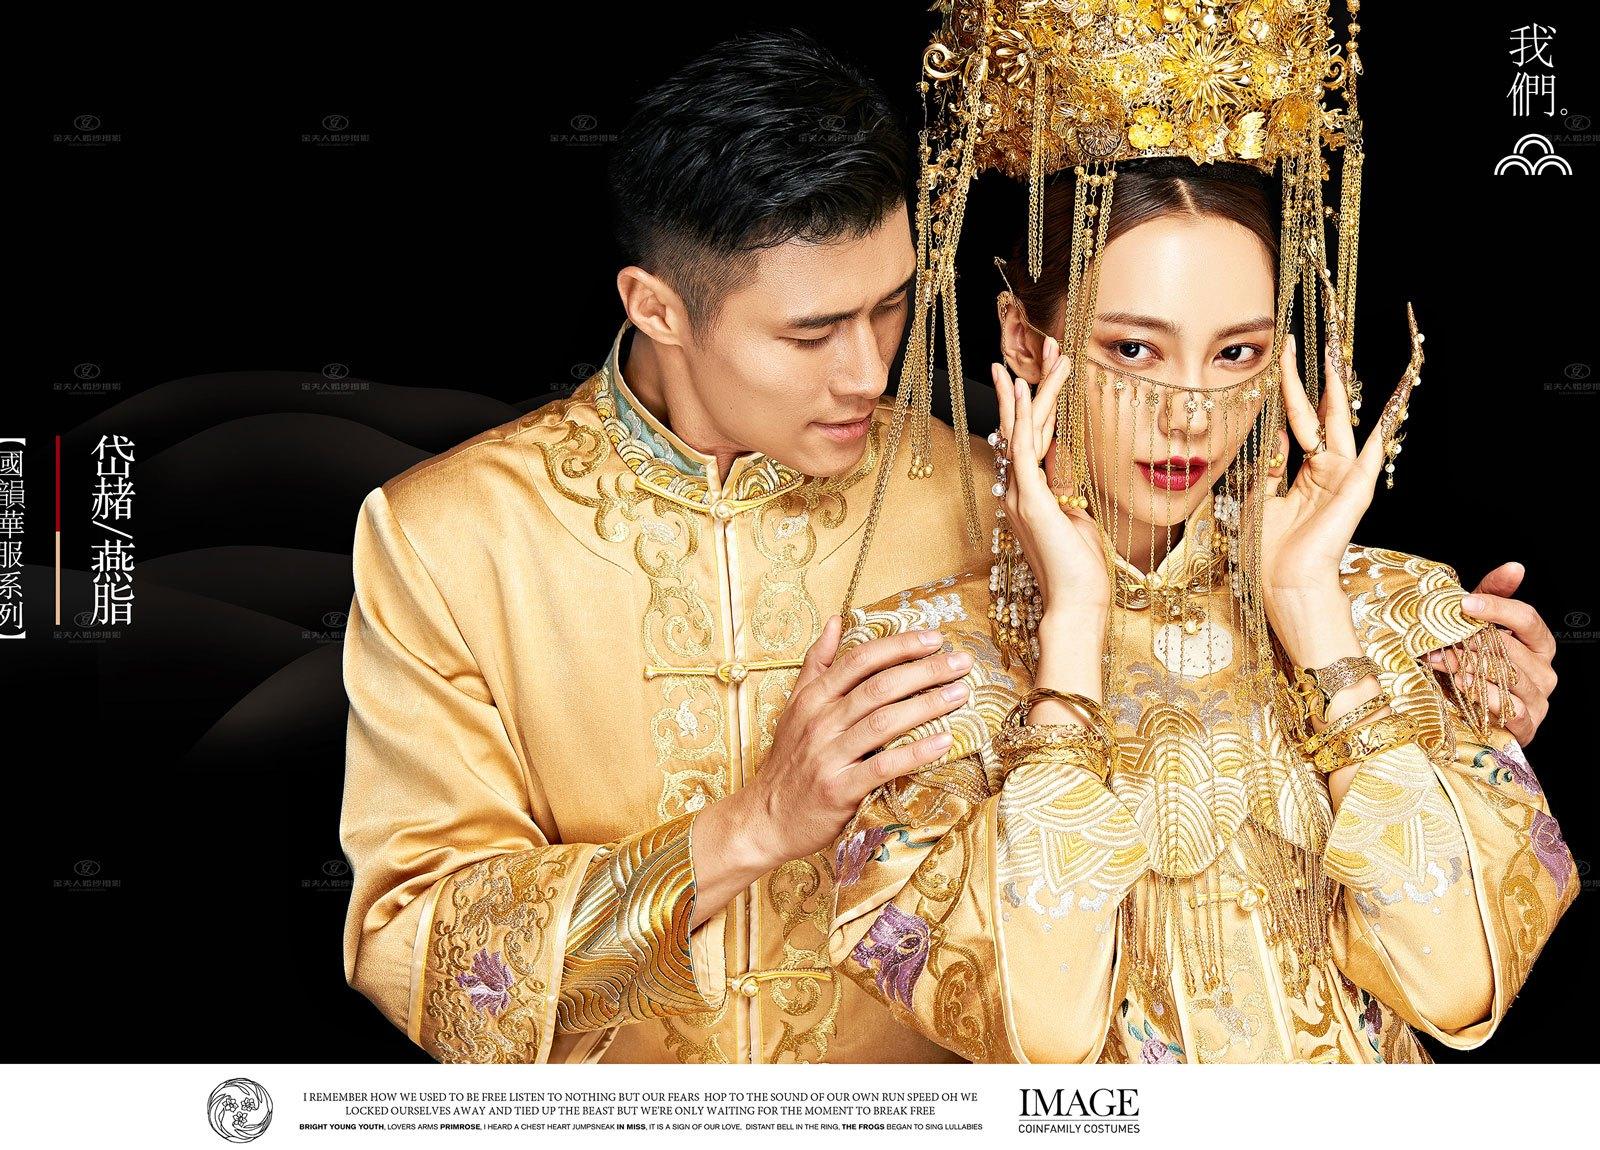 风月家美图_朱孝天中式婚纱照 明星中式婚纱照哪家最美?_凤凰时尚